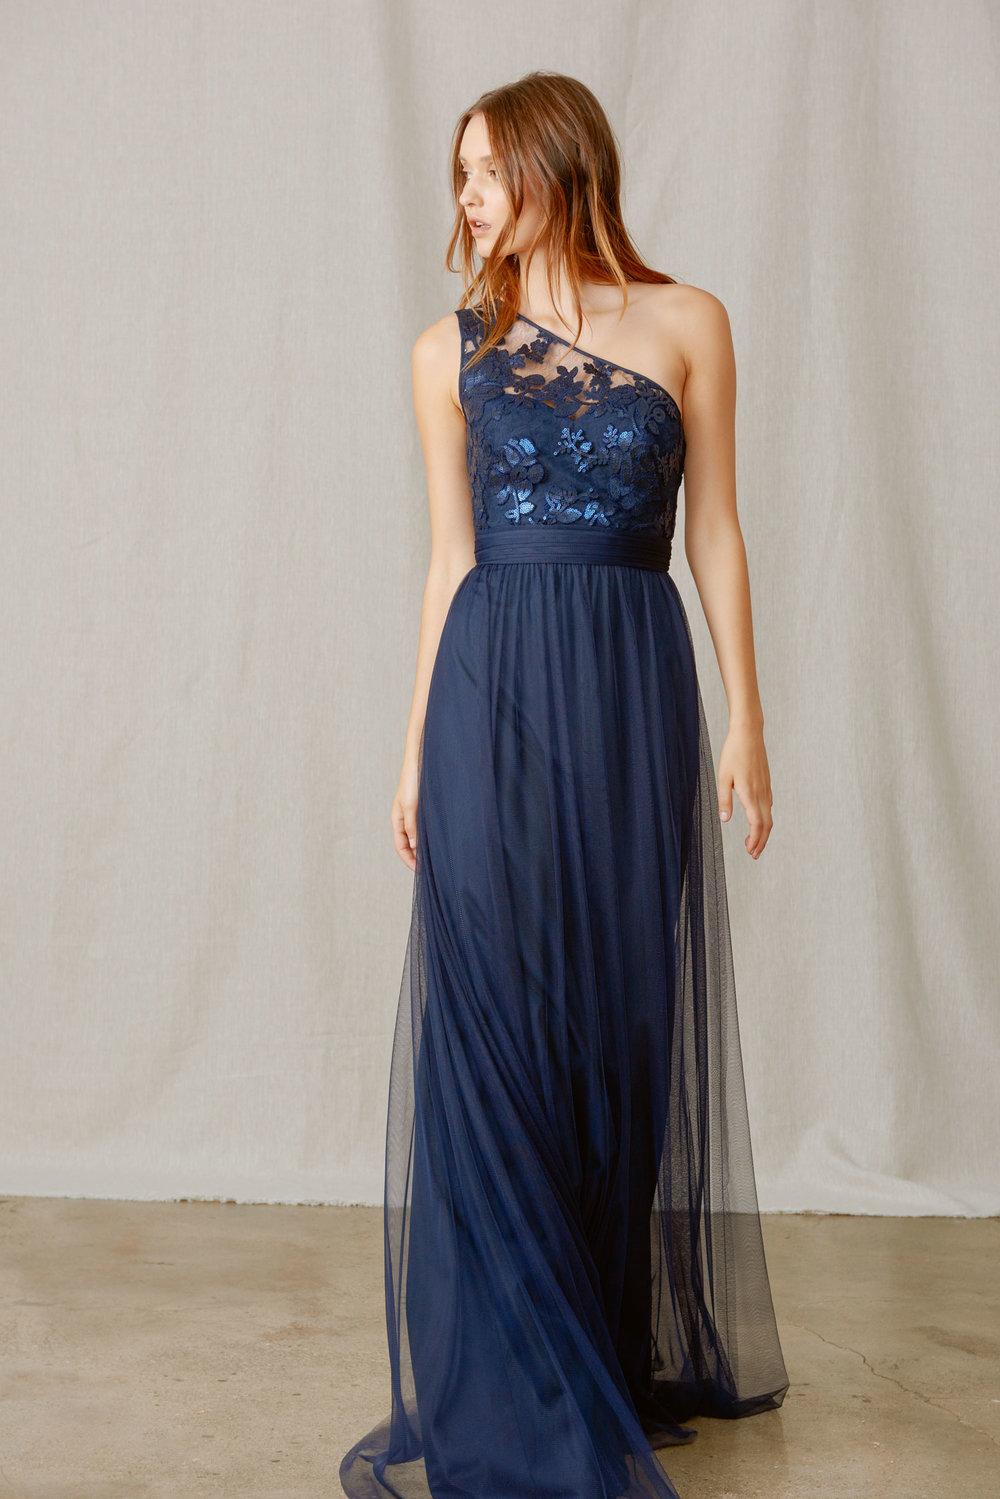 Amsale Ashlynn GB040 Sequin Lace $435